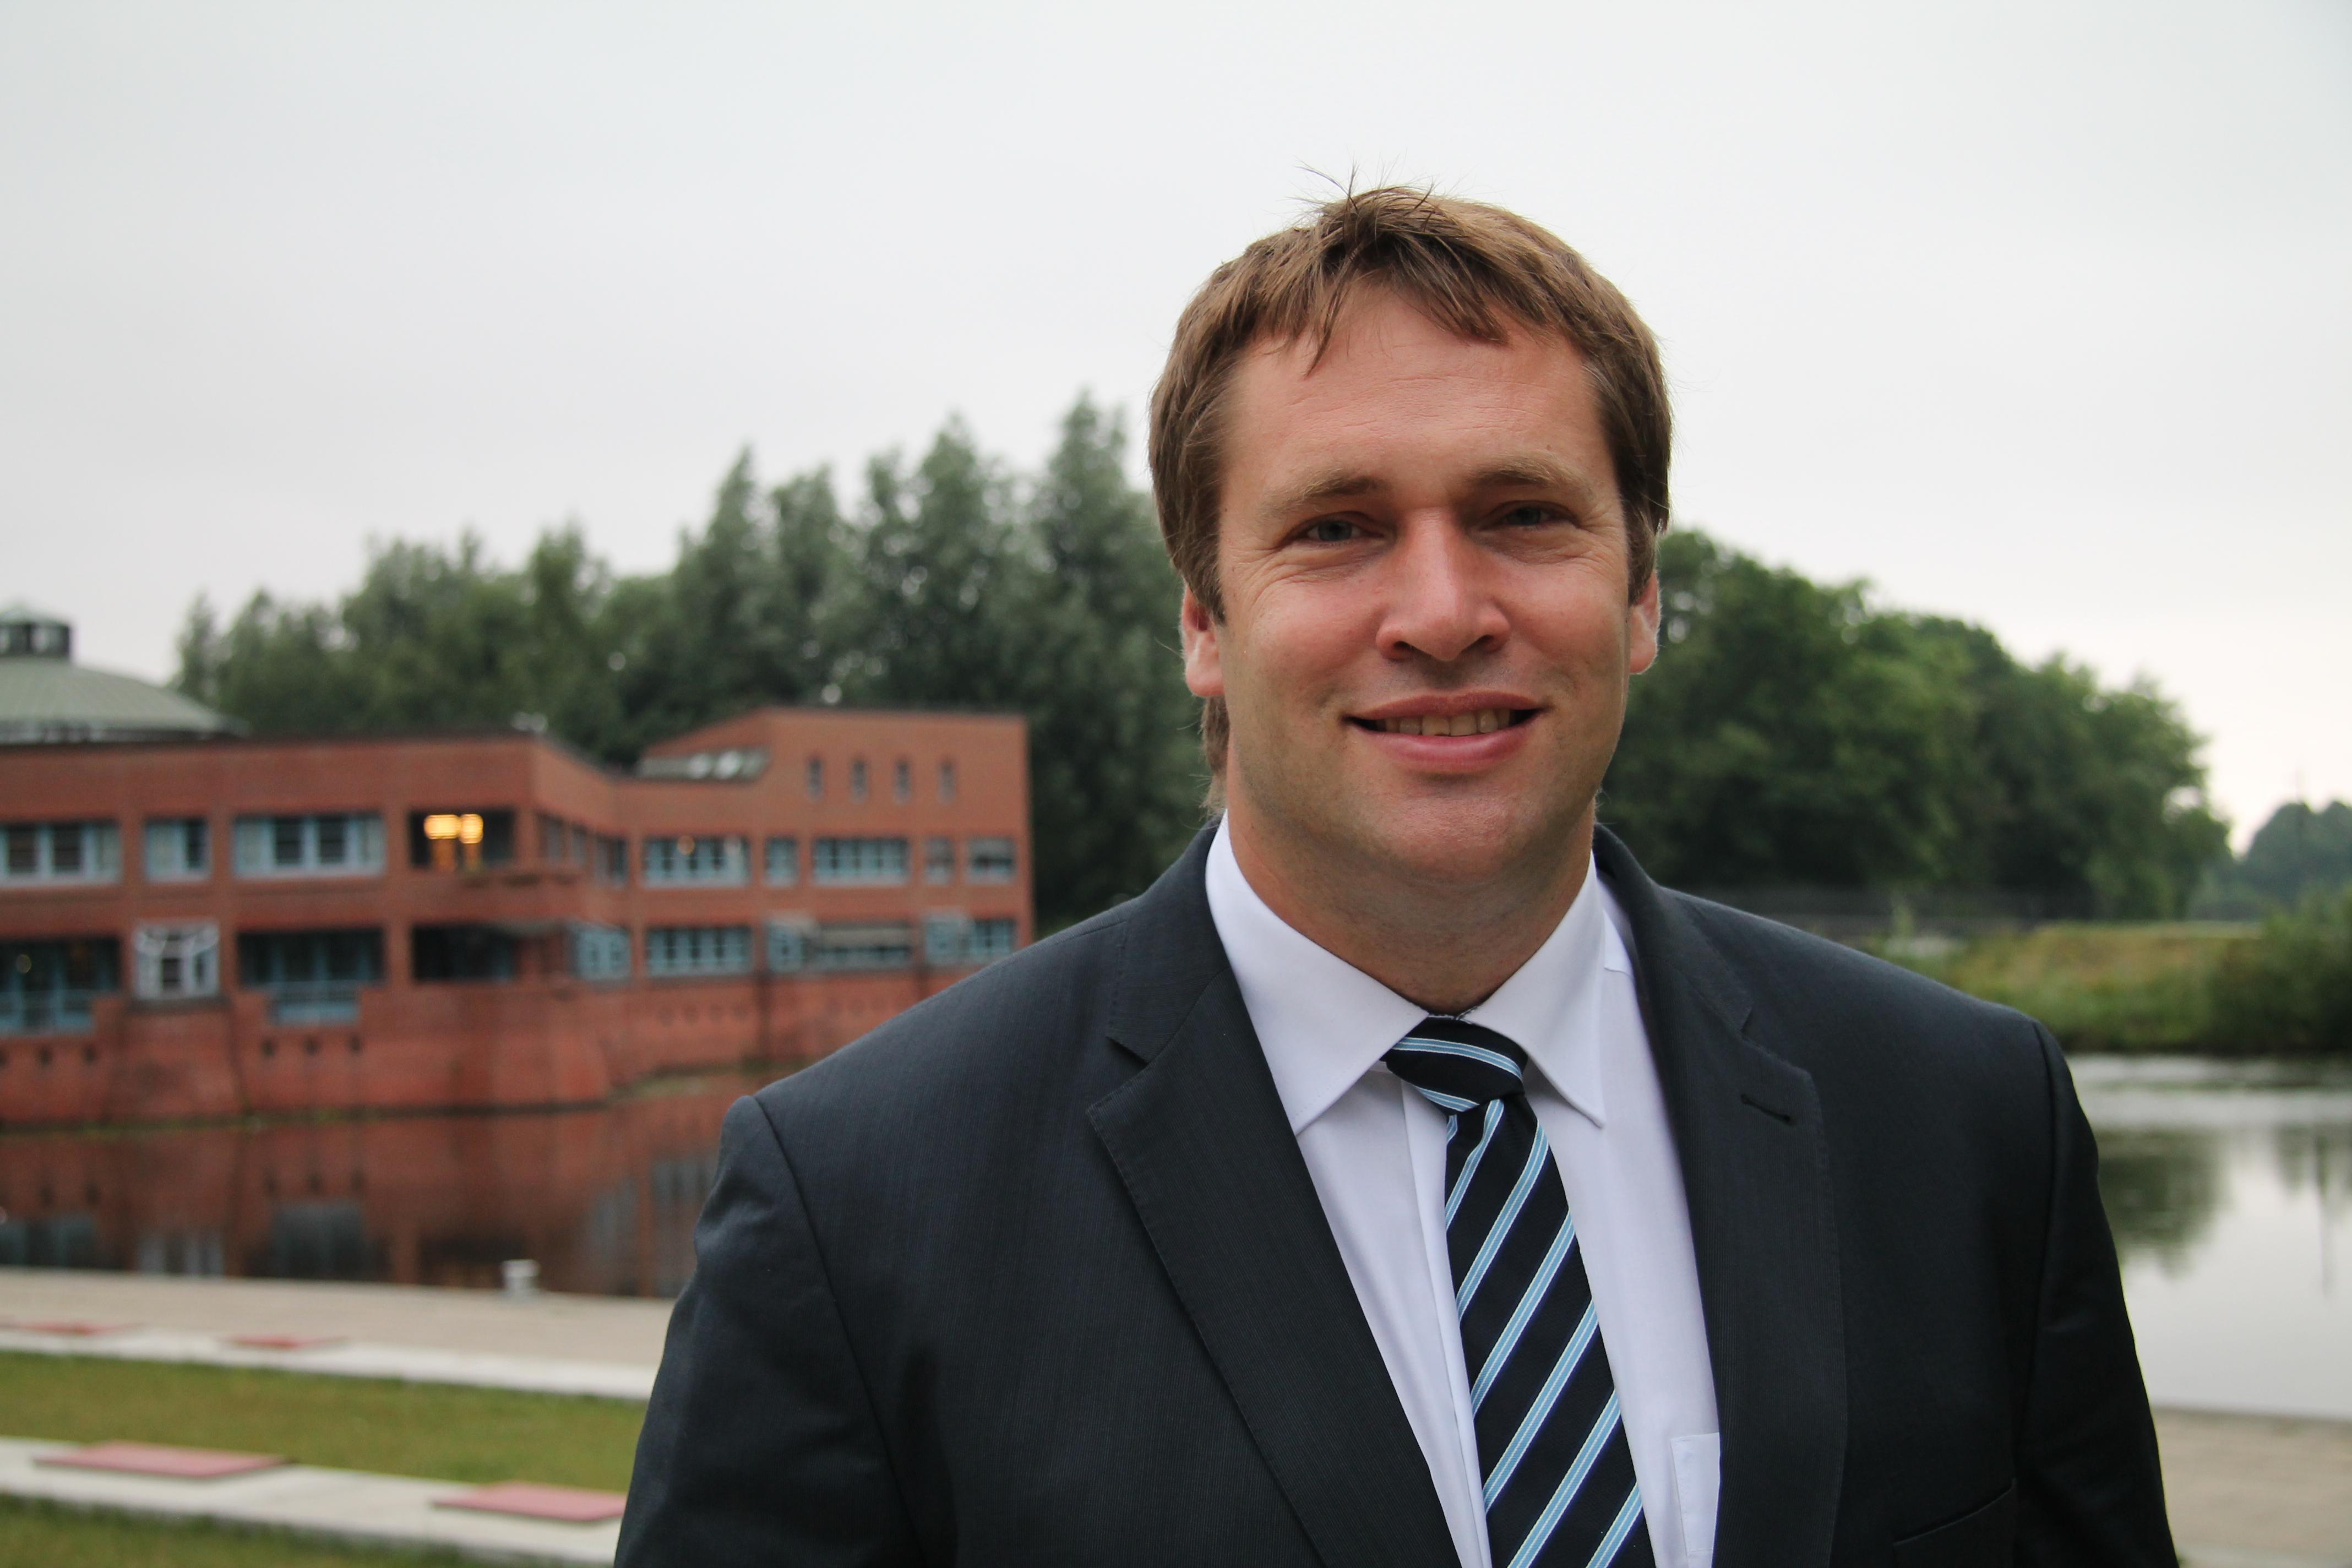 Michael Weinreich kandidiert auf der SPD-Landesliste für die Bürgerschaftswahl die 2020 stattfindet. Foto: ein